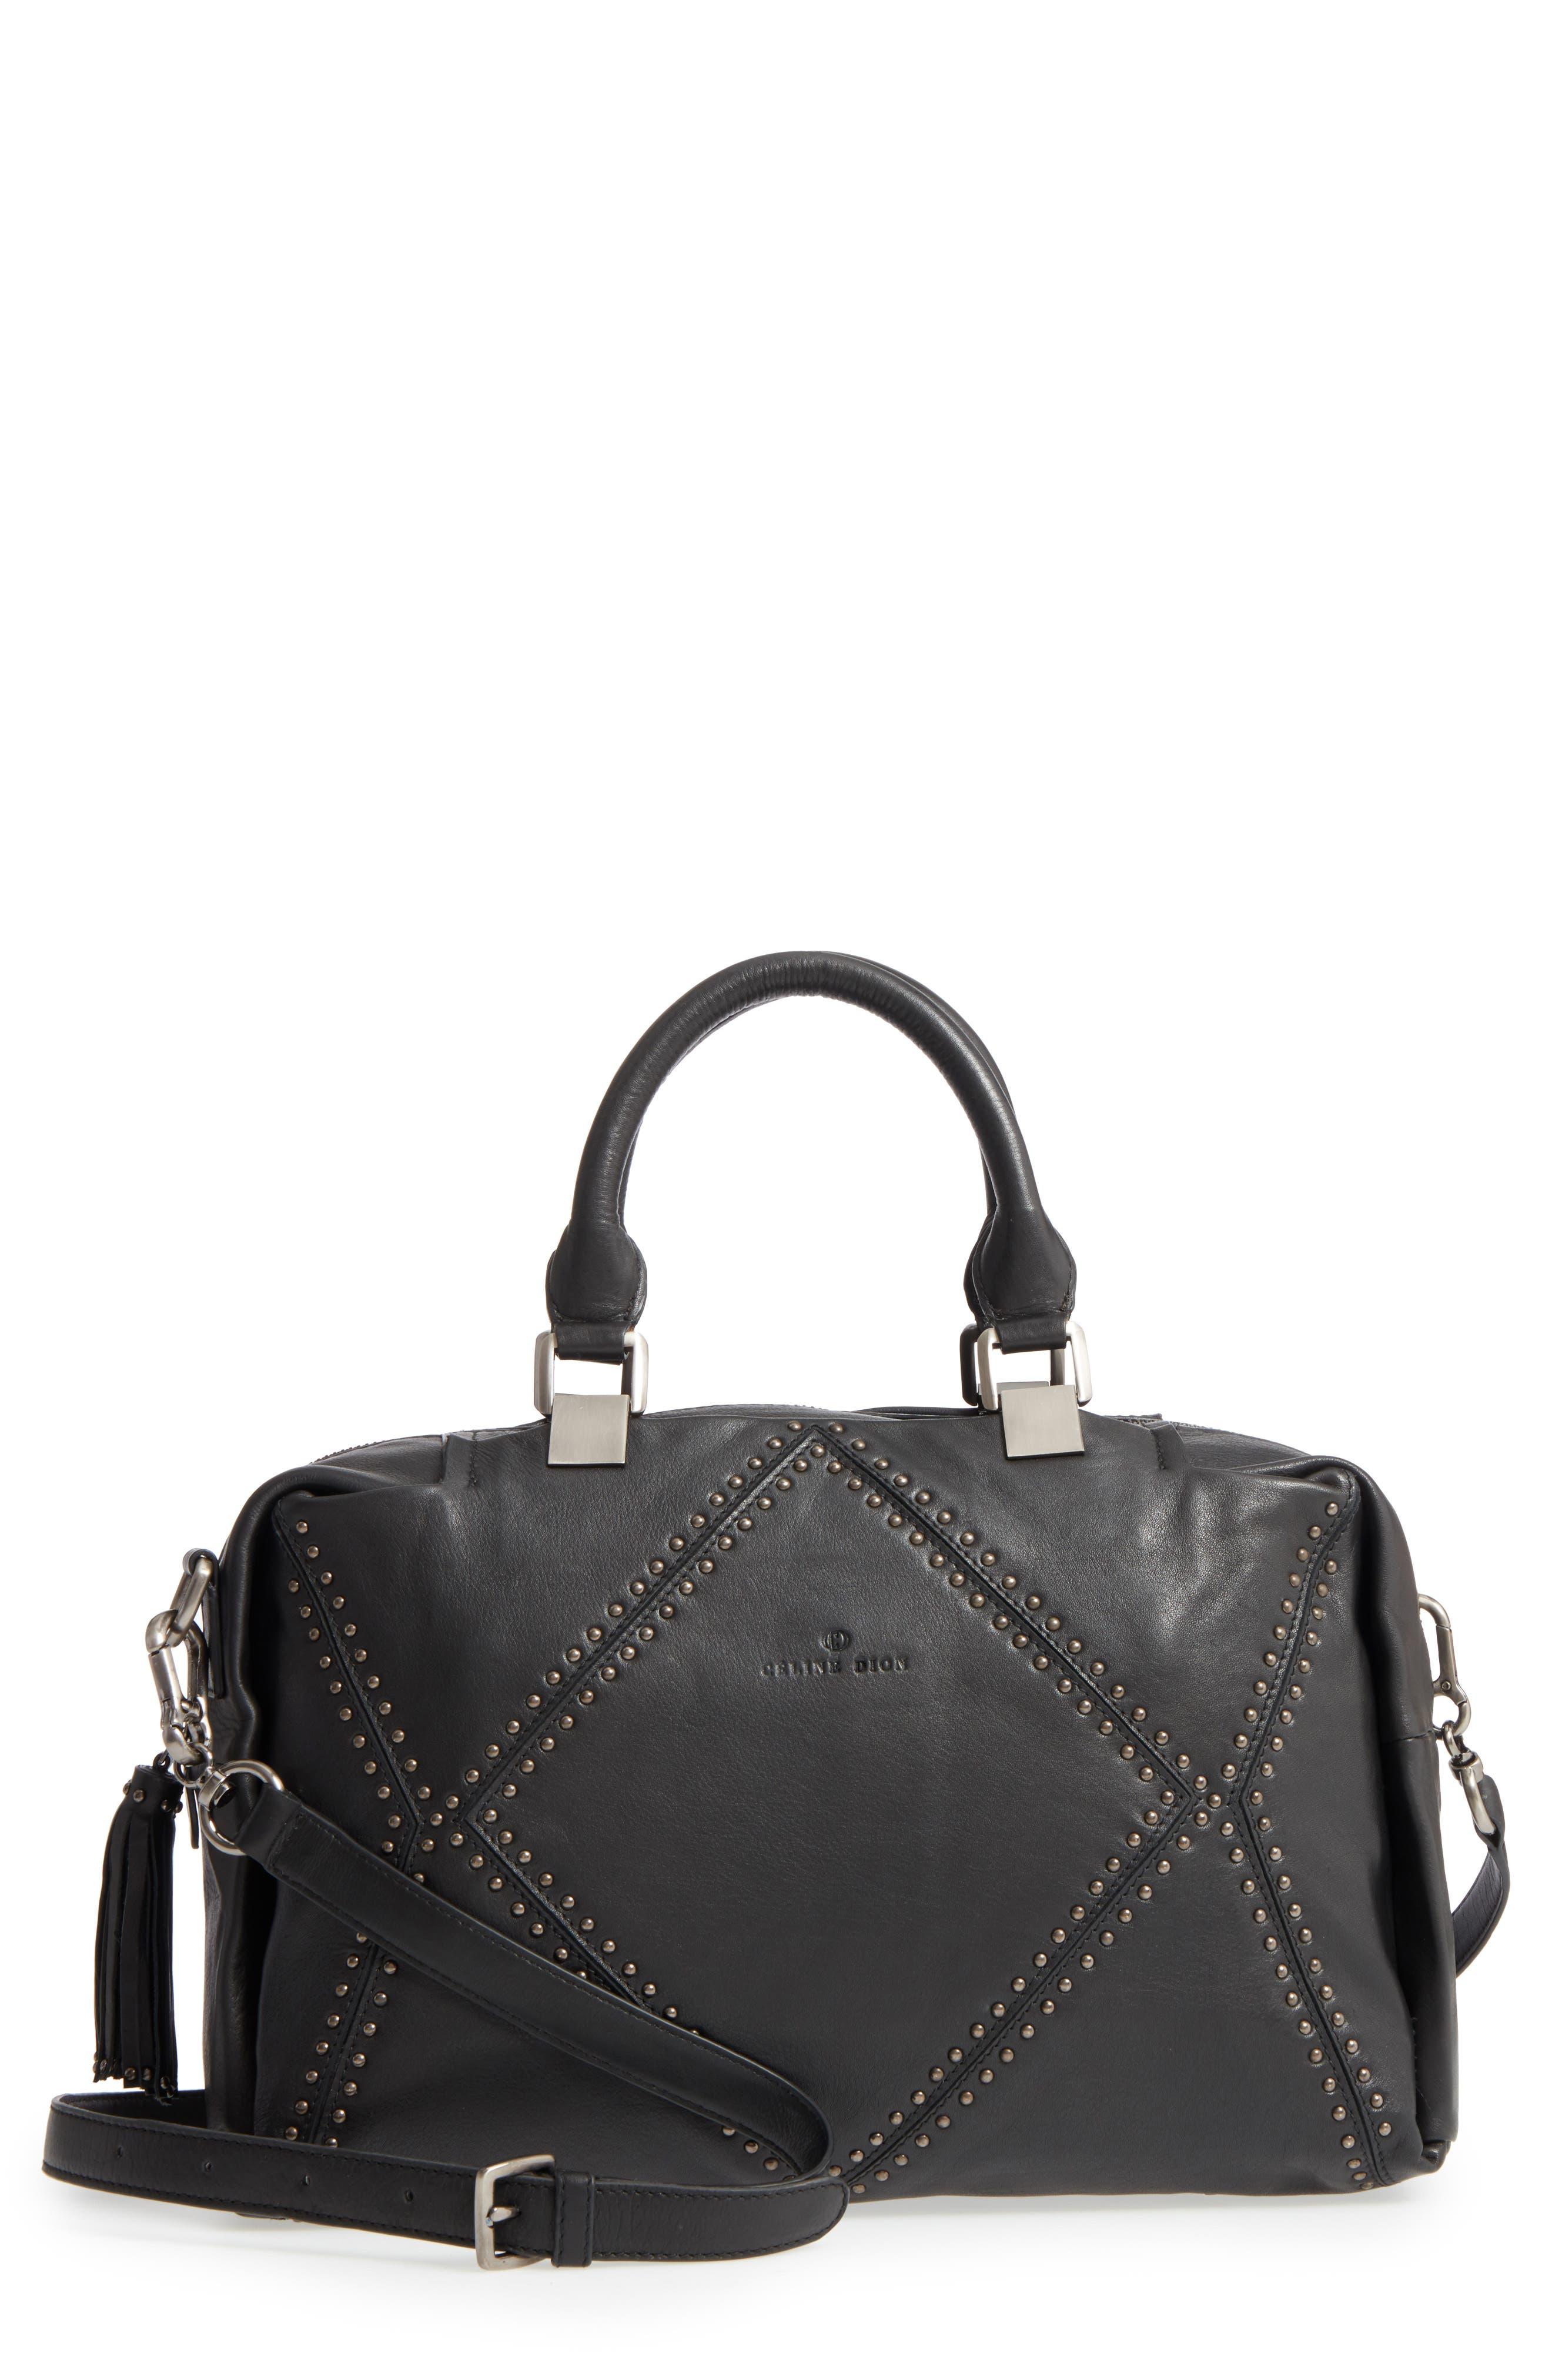 Céline Dion Nocturne Leather Satchel